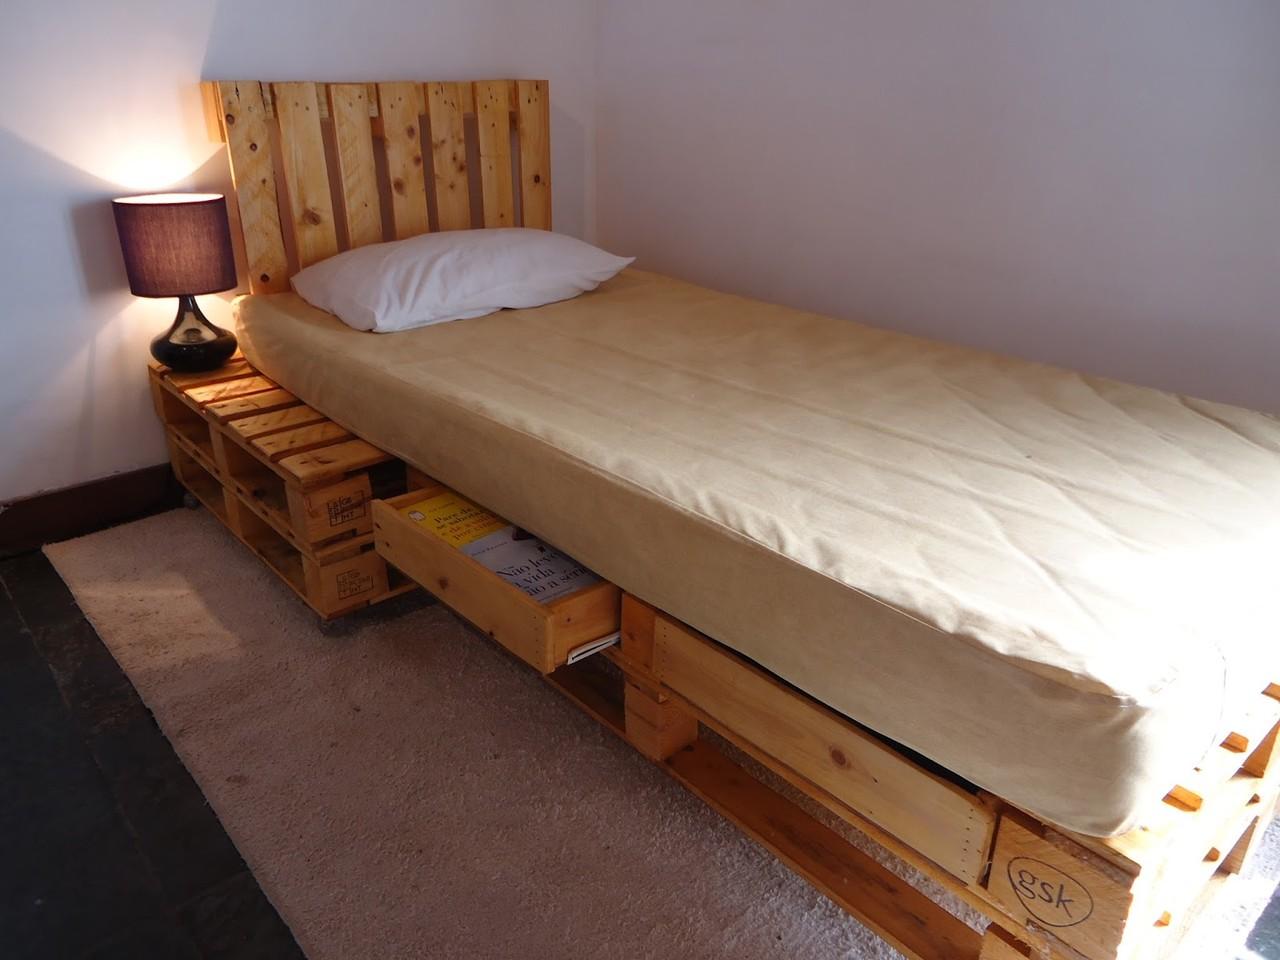 cama de solteiro com cabecira e lateral.jpg